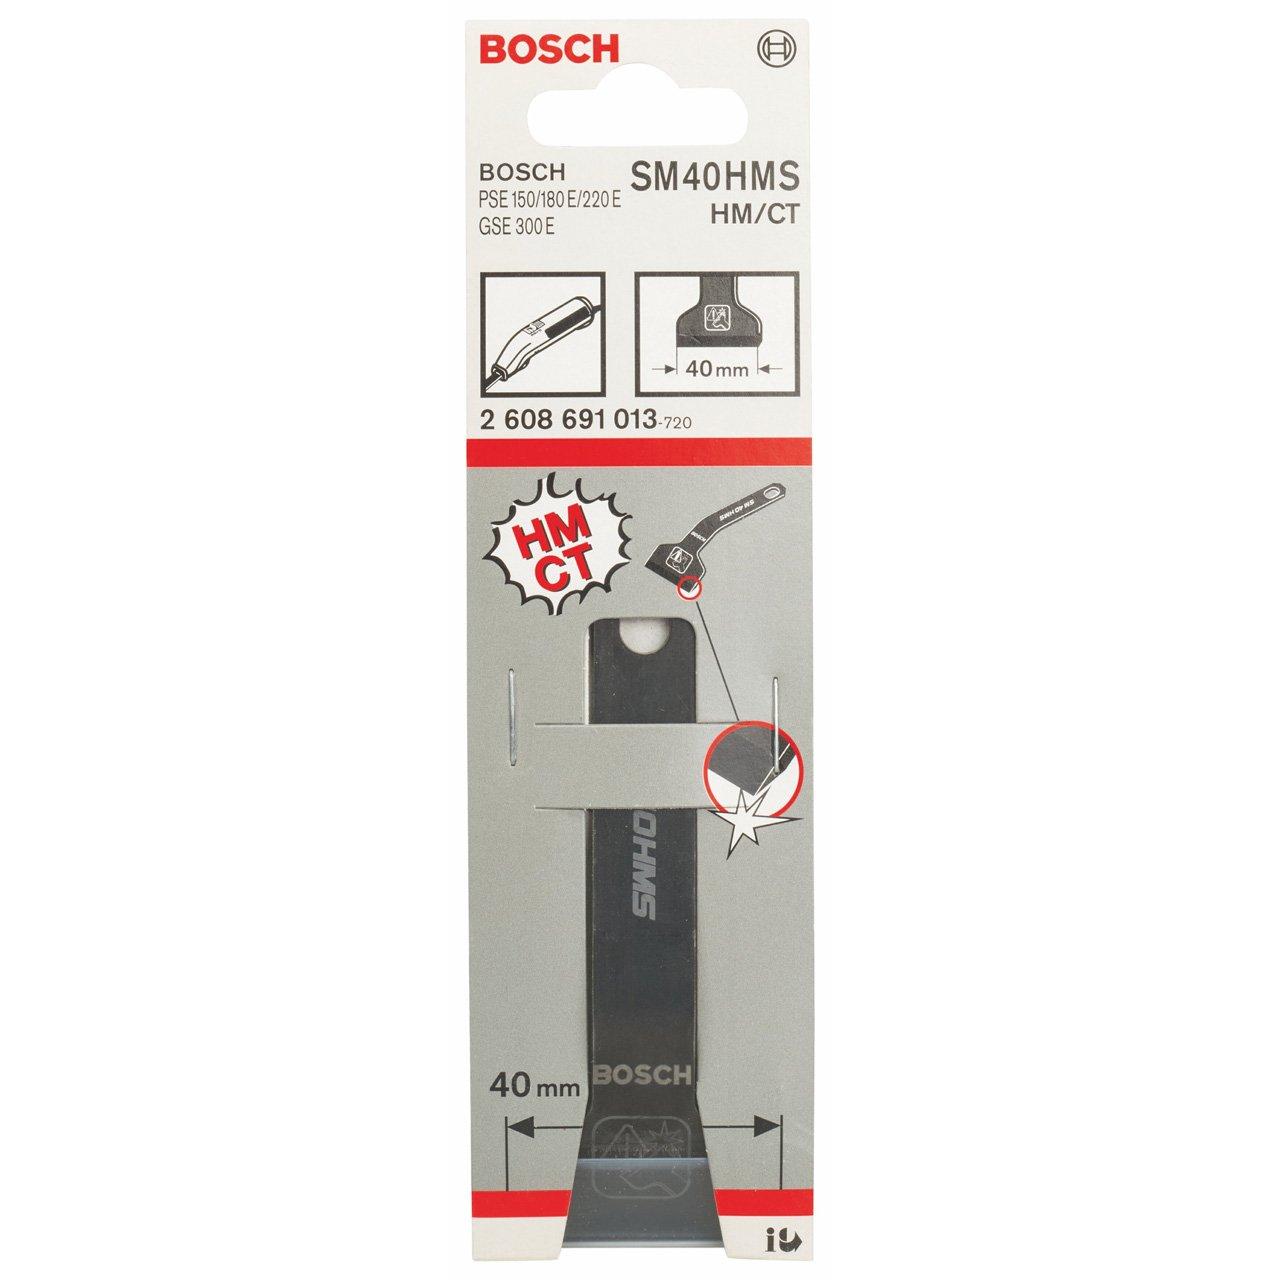 Bosch 2608691013 Grattoir pour joints SD 40 HM 40 mm Bosch Professional